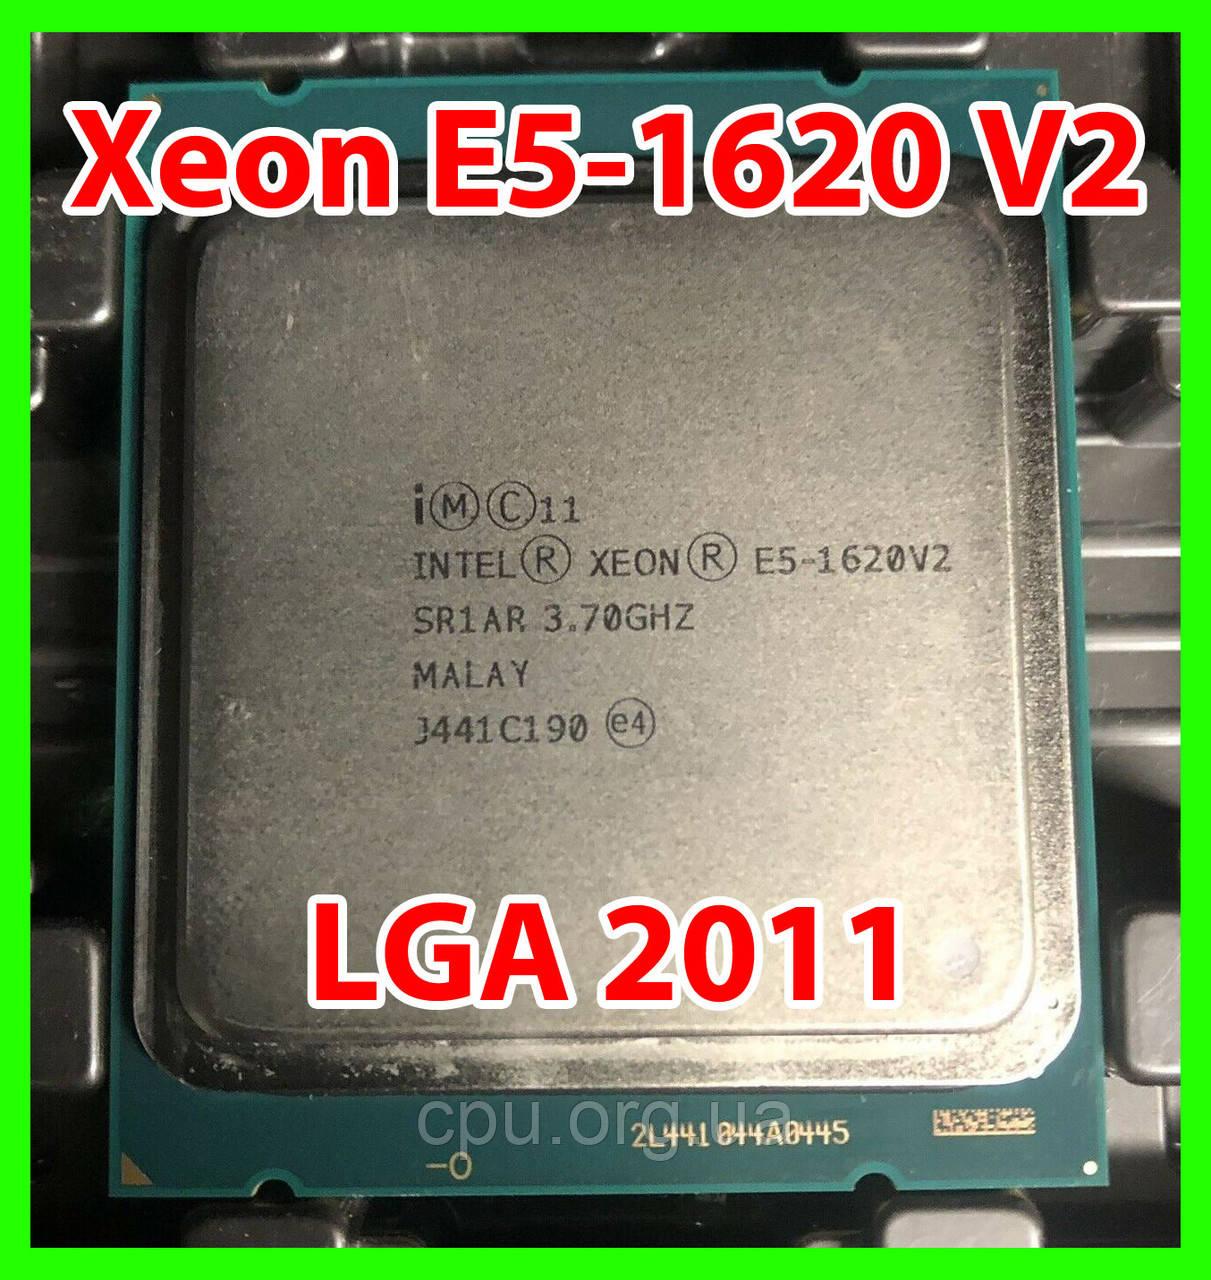 Процесор Intel Xeon E5-1620 V2 LGA 2011 (SR1AR) 4 ядра 8 потоків 3,70-3,90 Ghz / 10M / IvyBridge